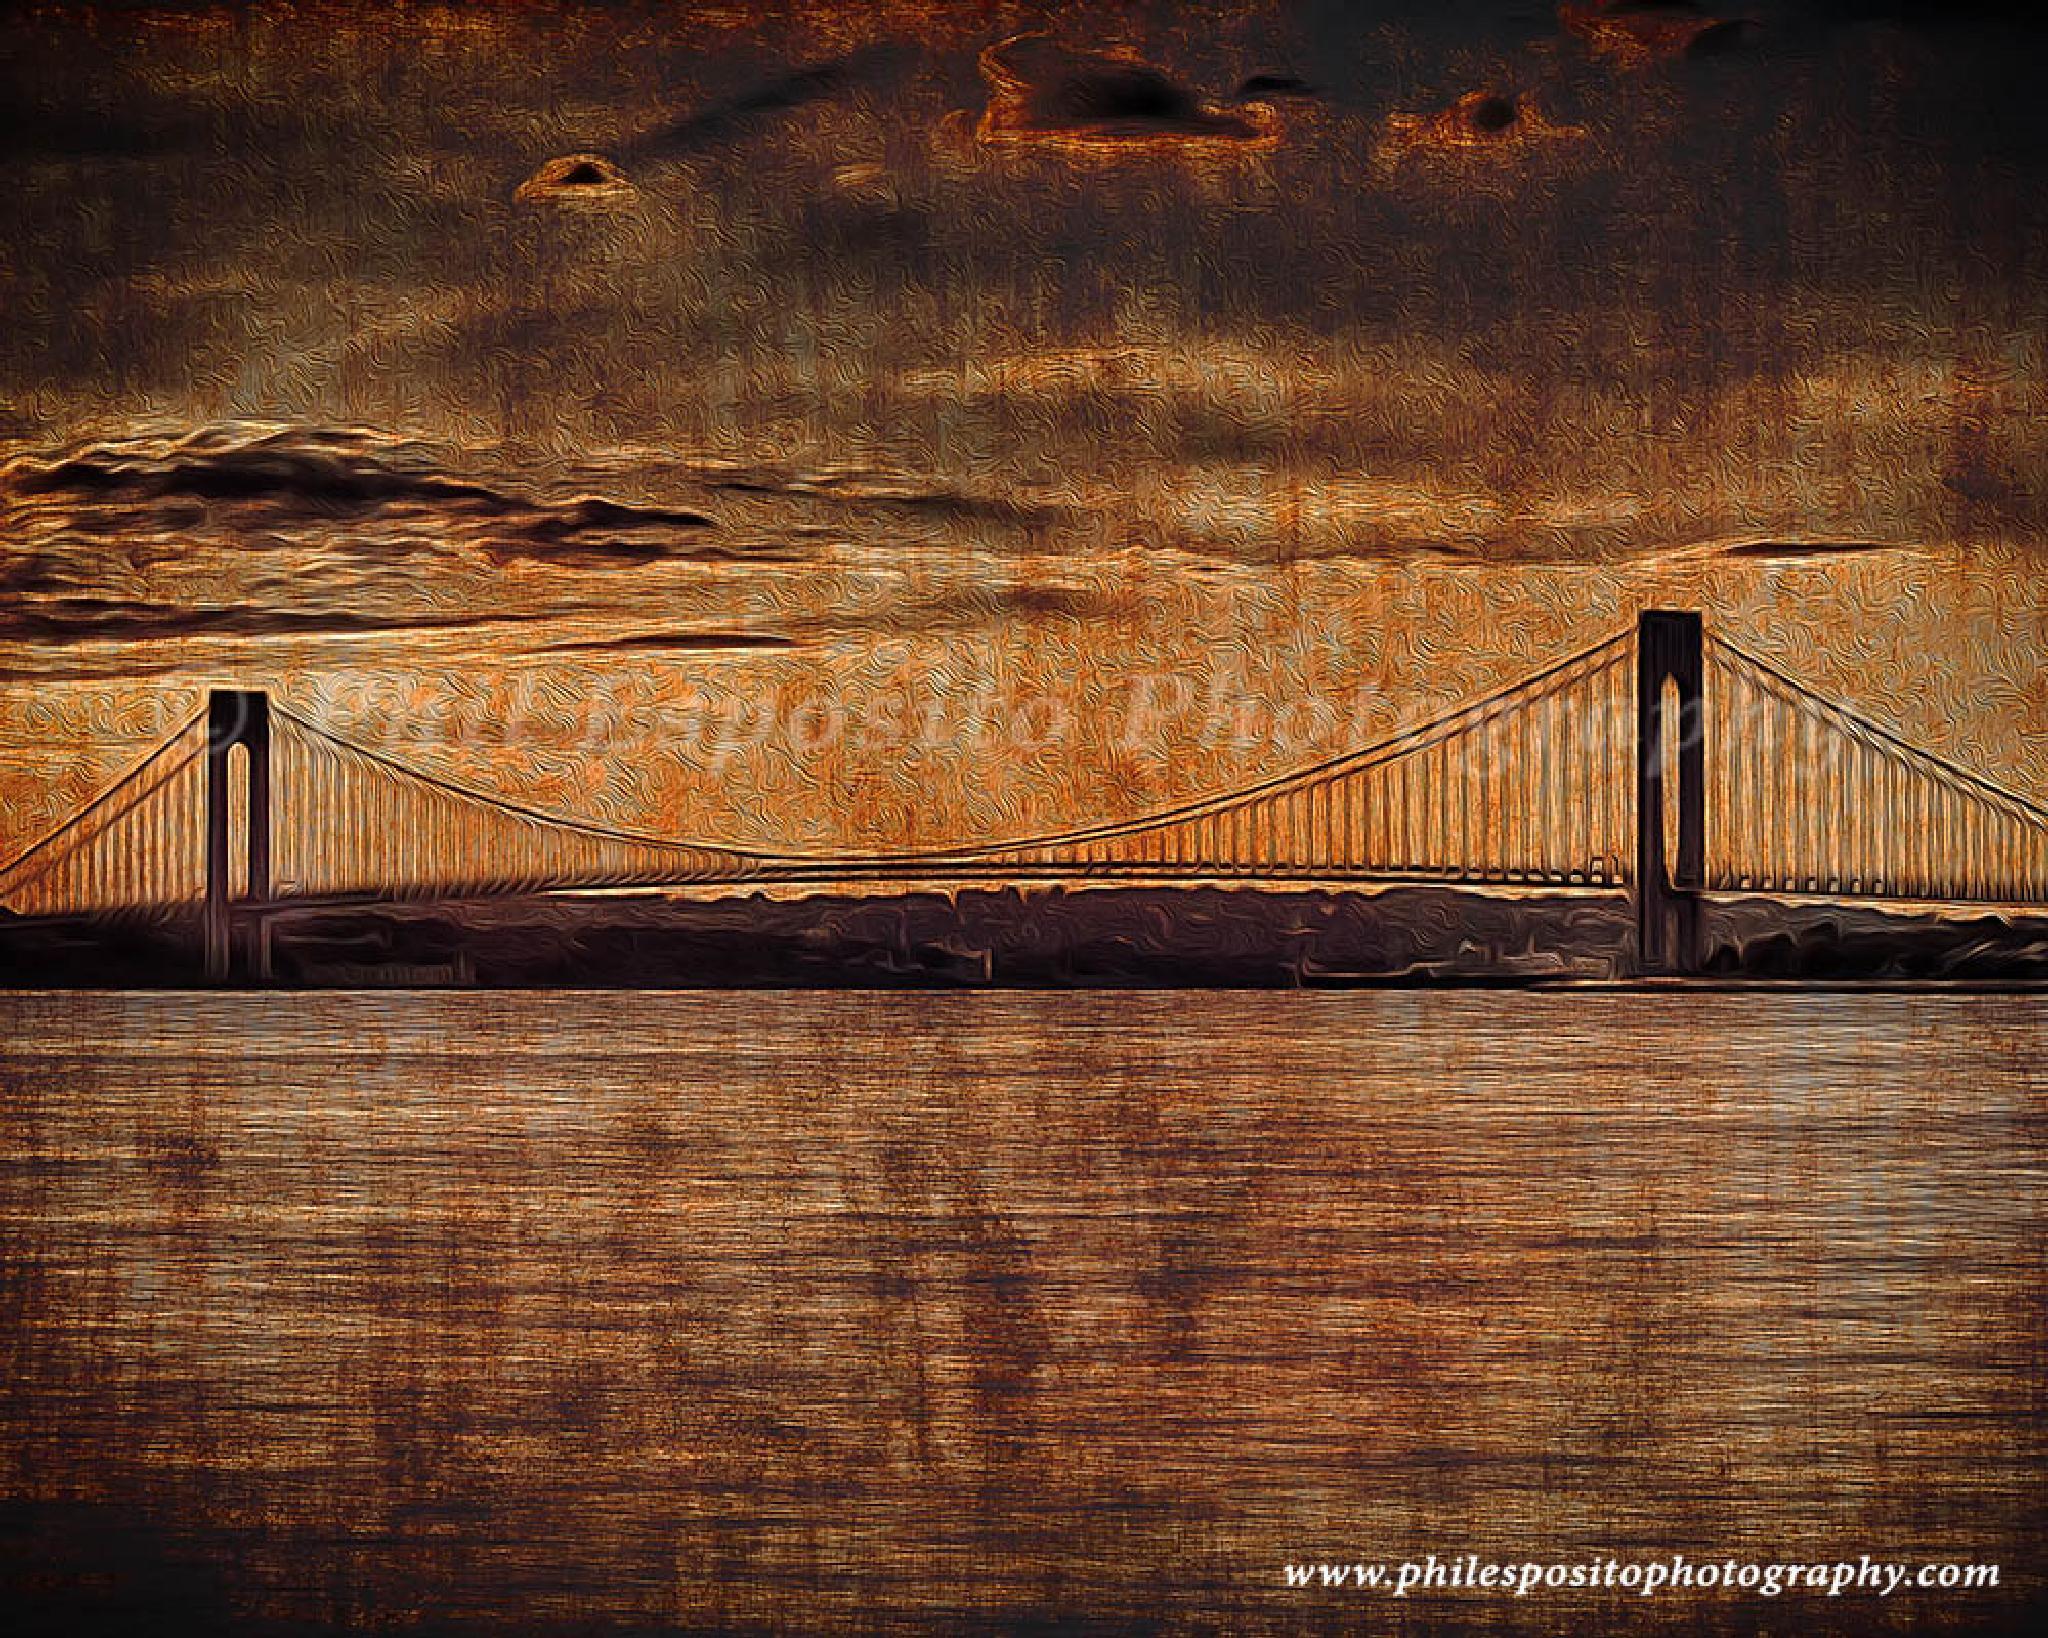 Verrazano Bridge on rusty metal by Phil Esposito